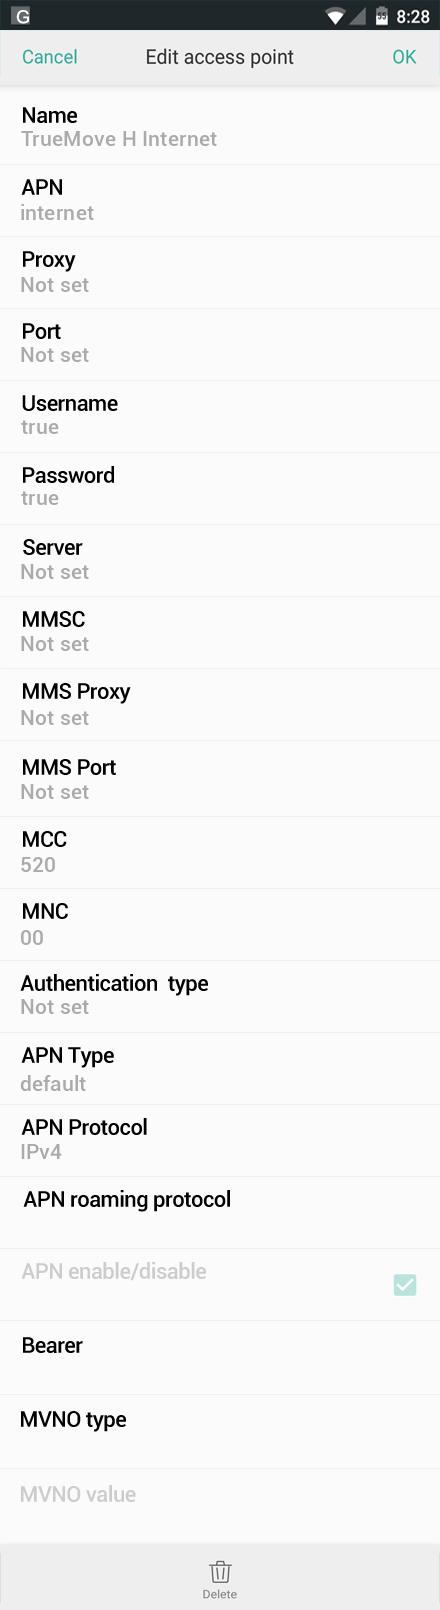 TrueMove H Internet APN settings for Oppo screenshot